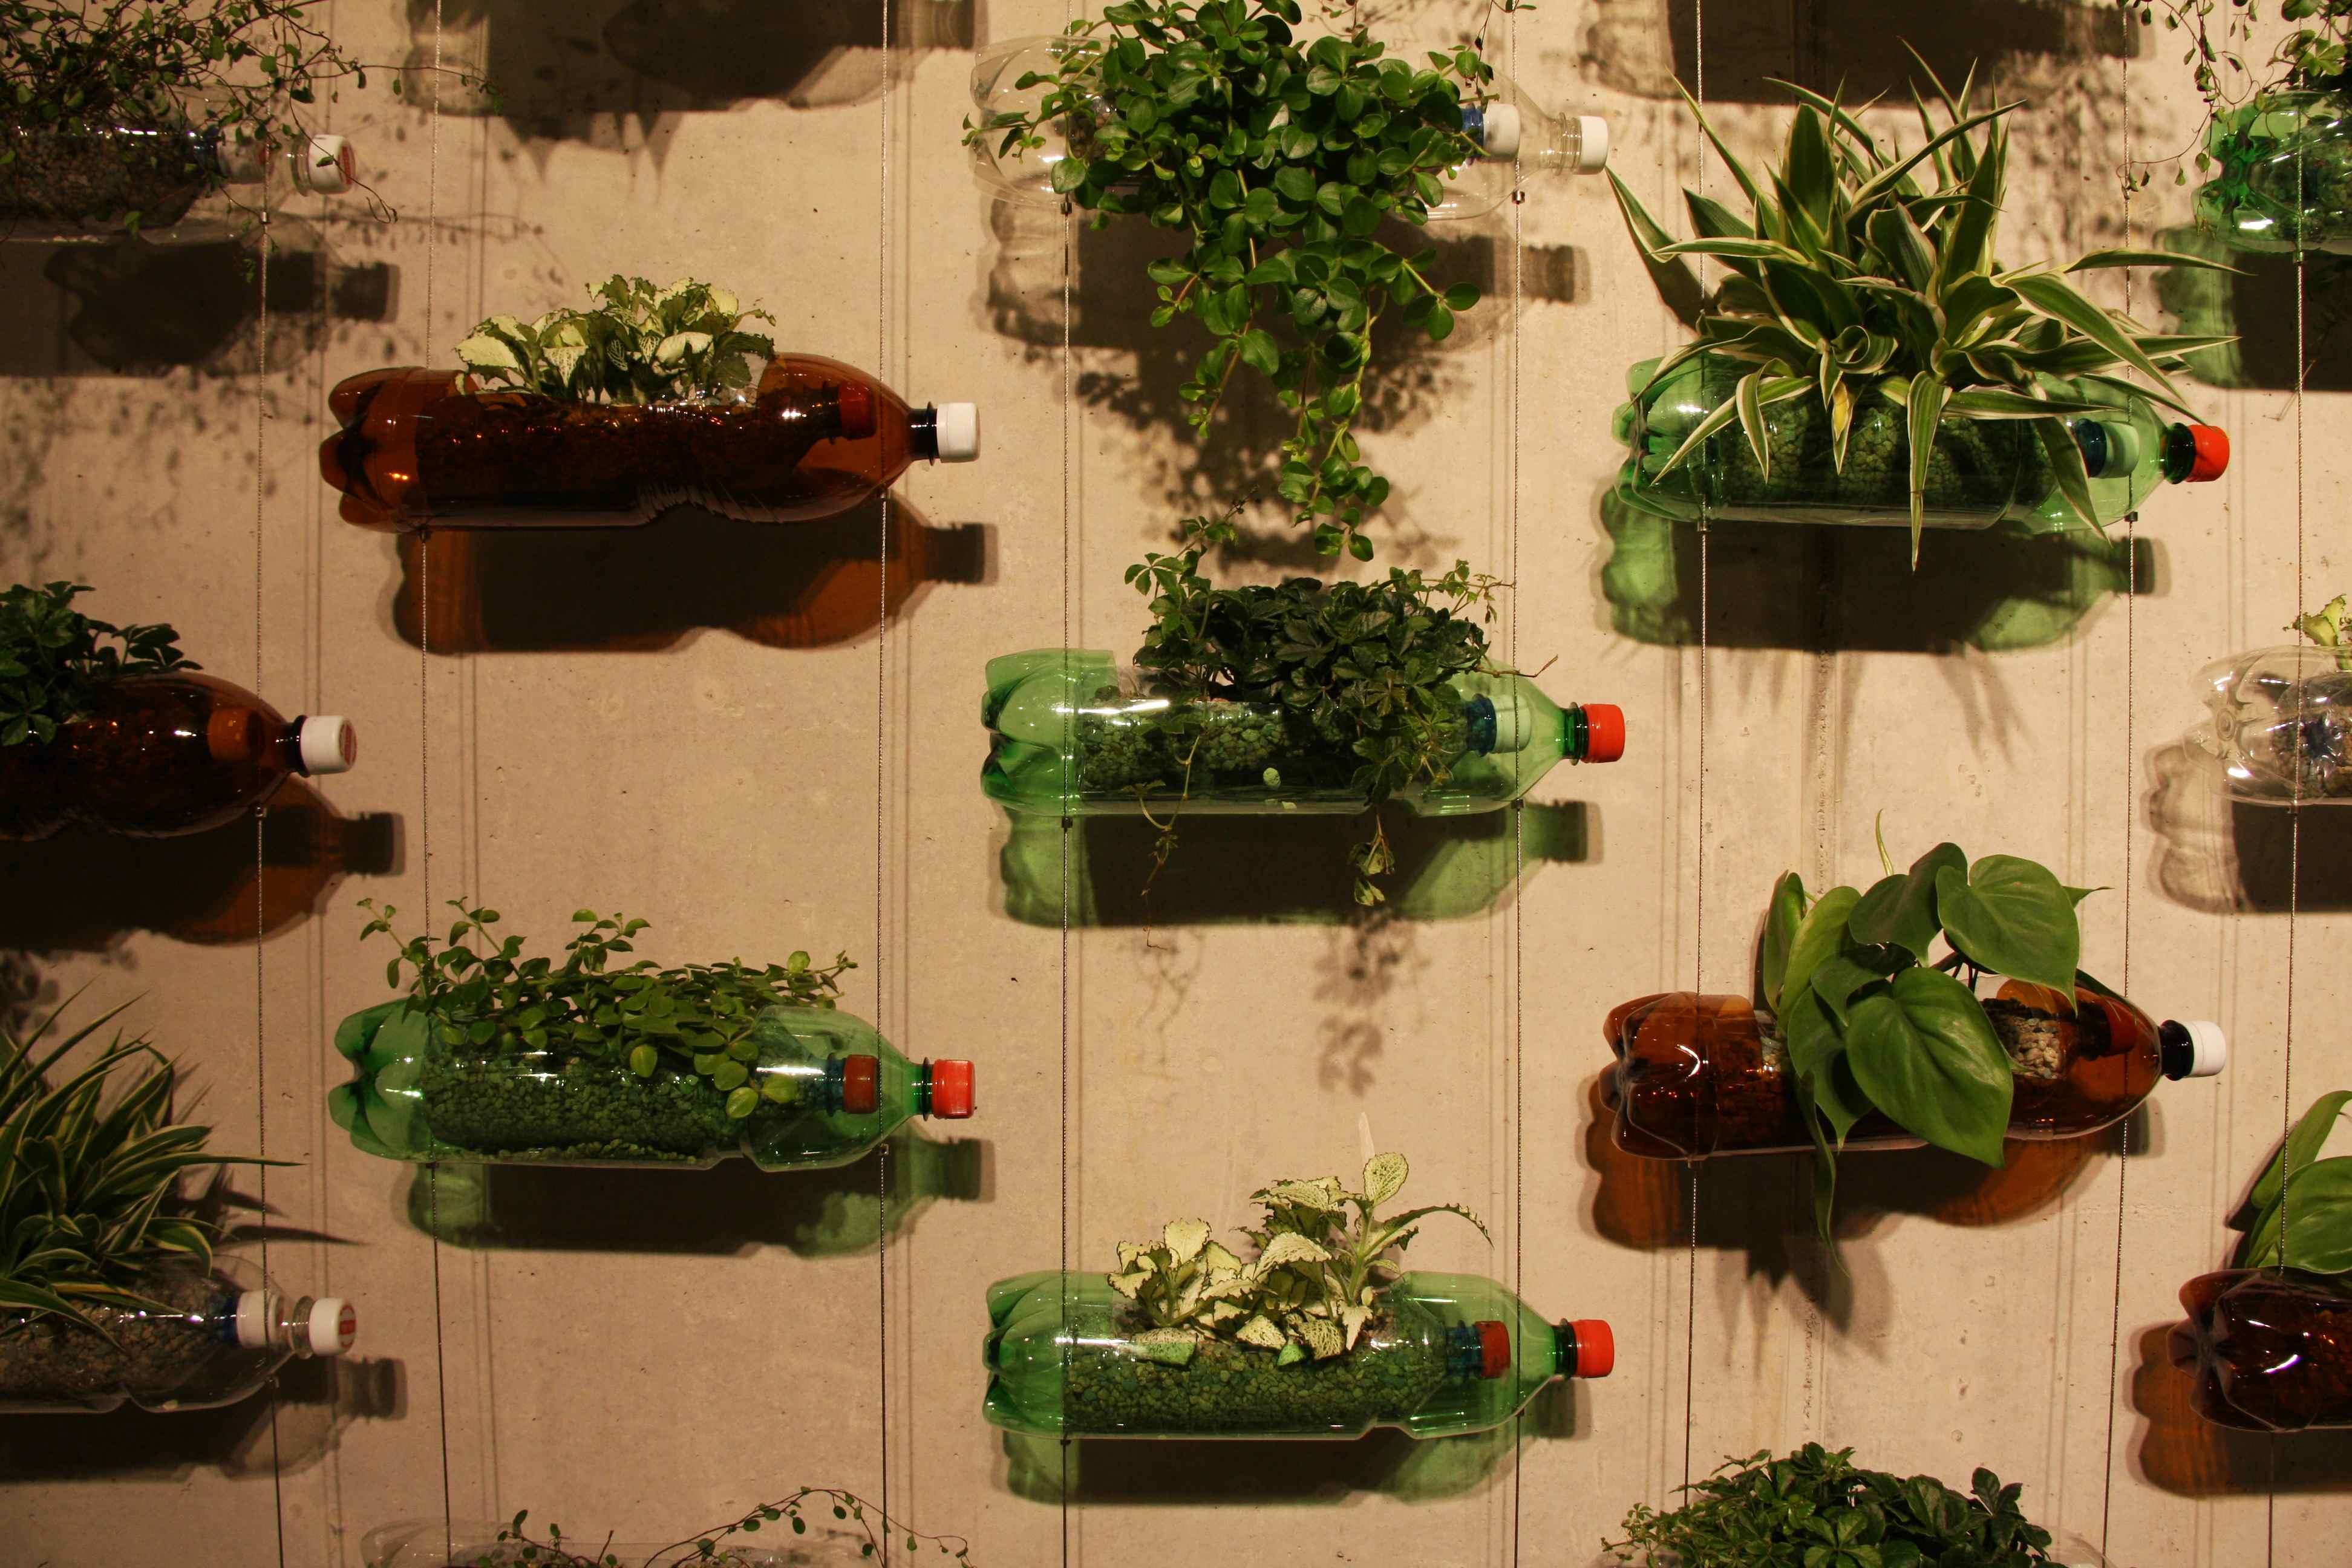 Erlebbarer umweltschutz narrative environments - Indoor garten ...